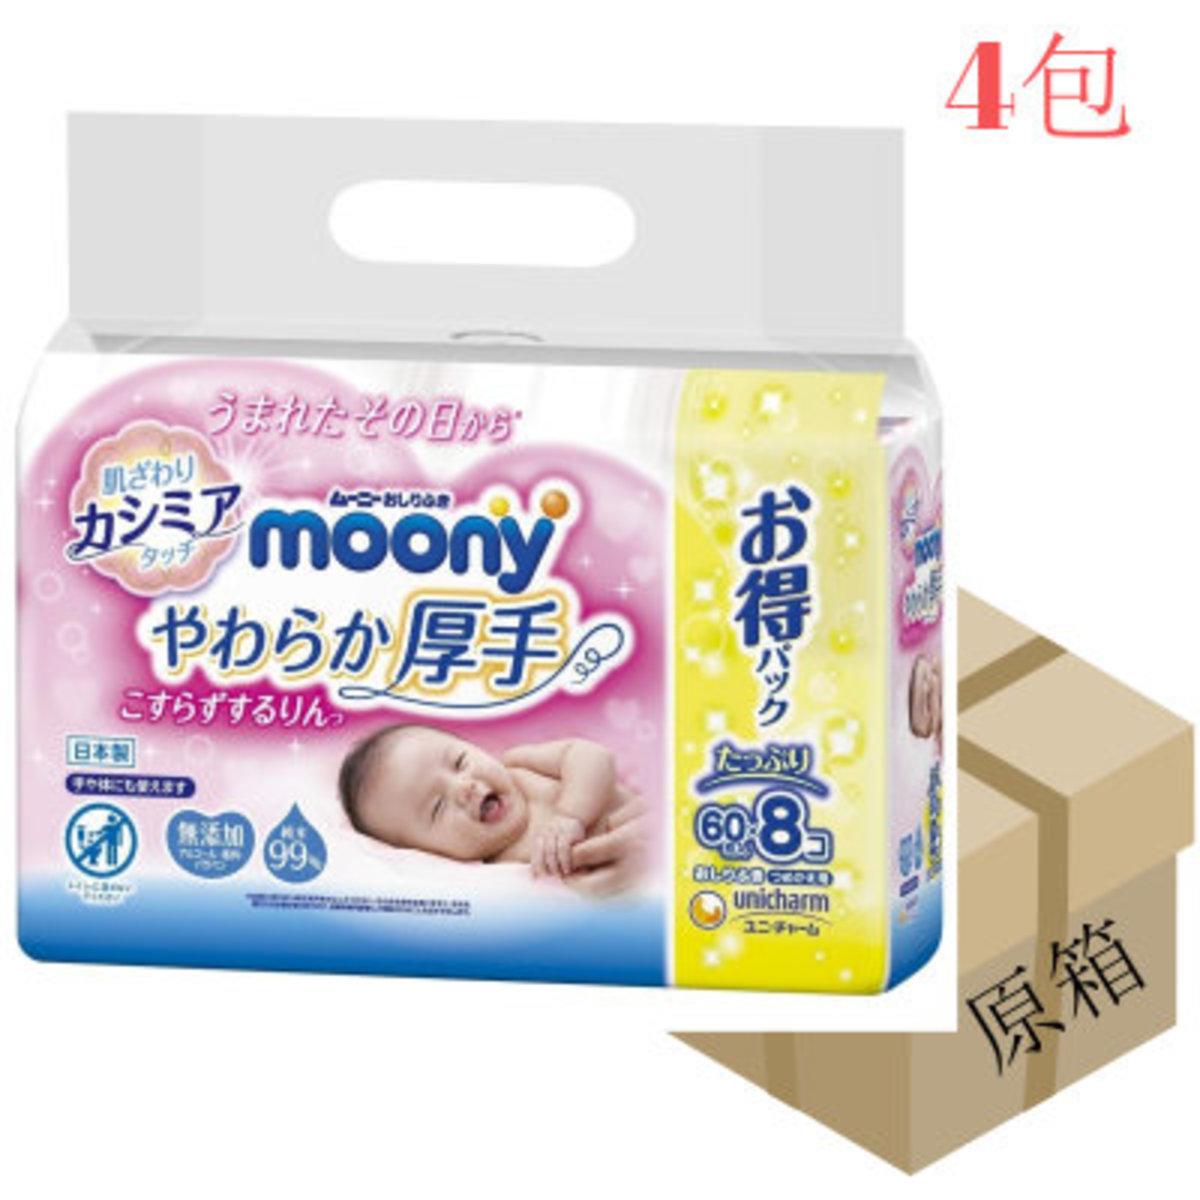 [原箱] 嬰兒加厚水份濕紙巾 60張 x 8包 (4包裝)